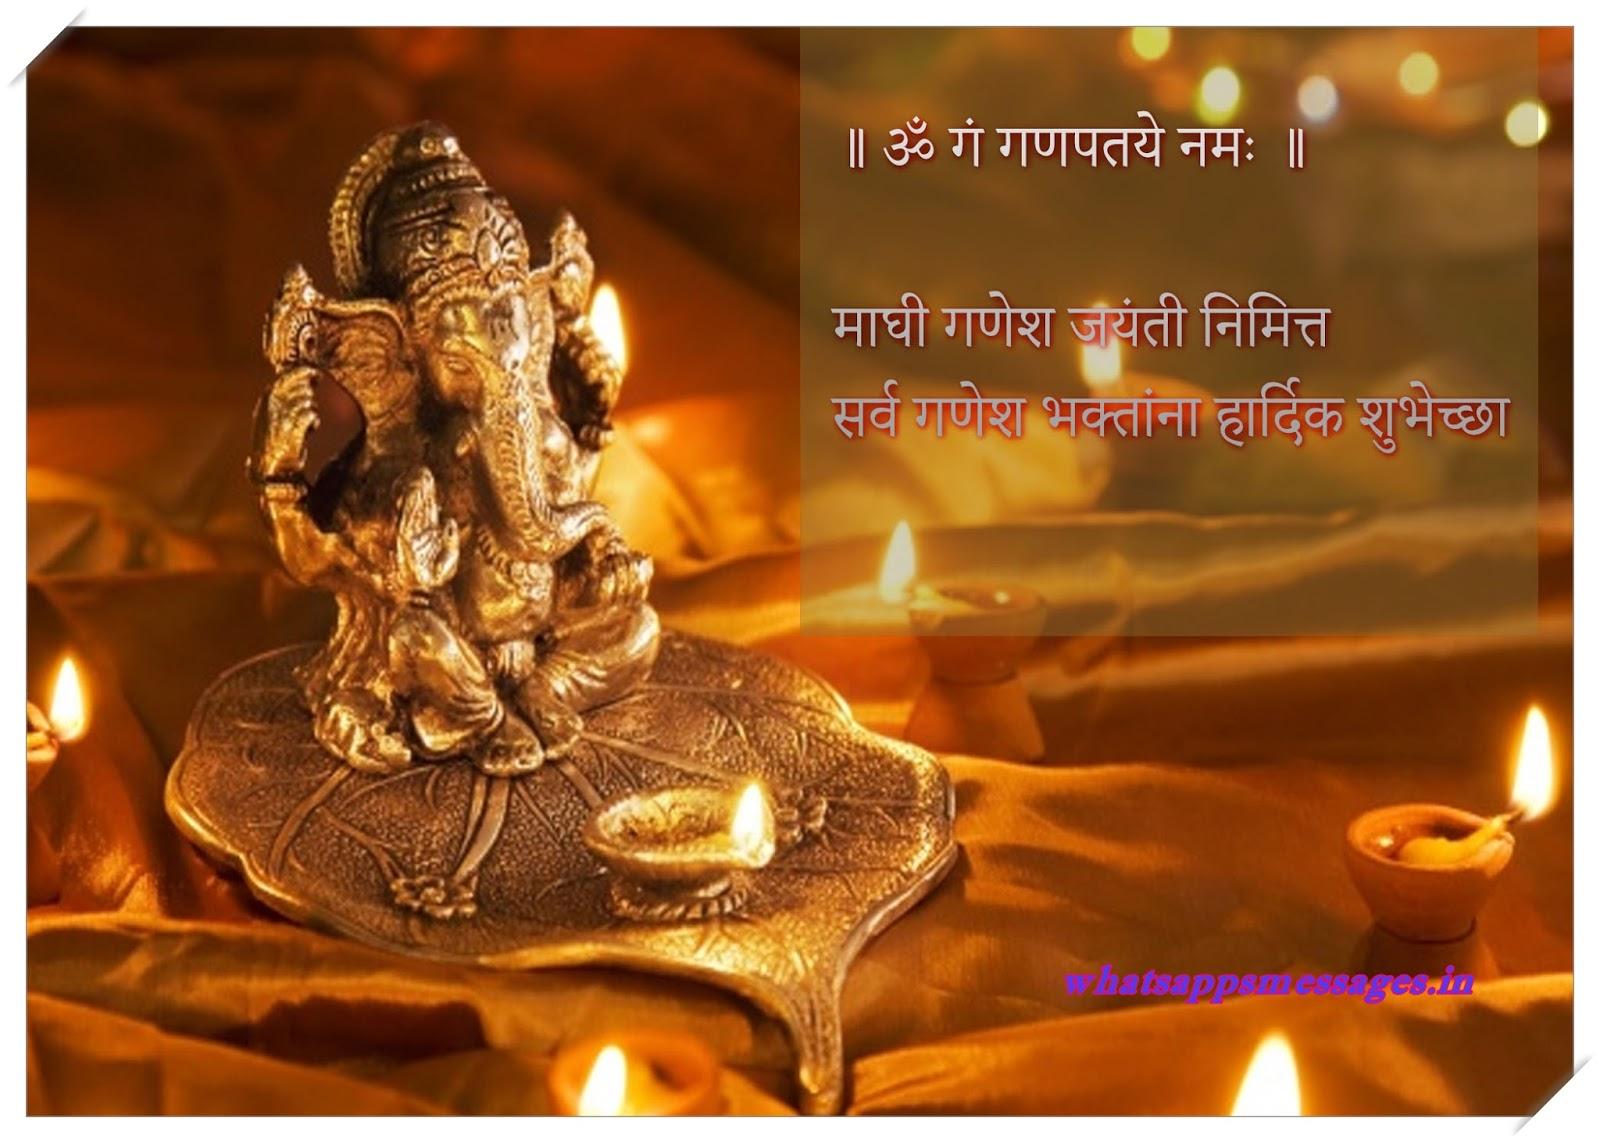 Ganesha Chaturthi Smswishes Messages Marathi Whatsapp Messages